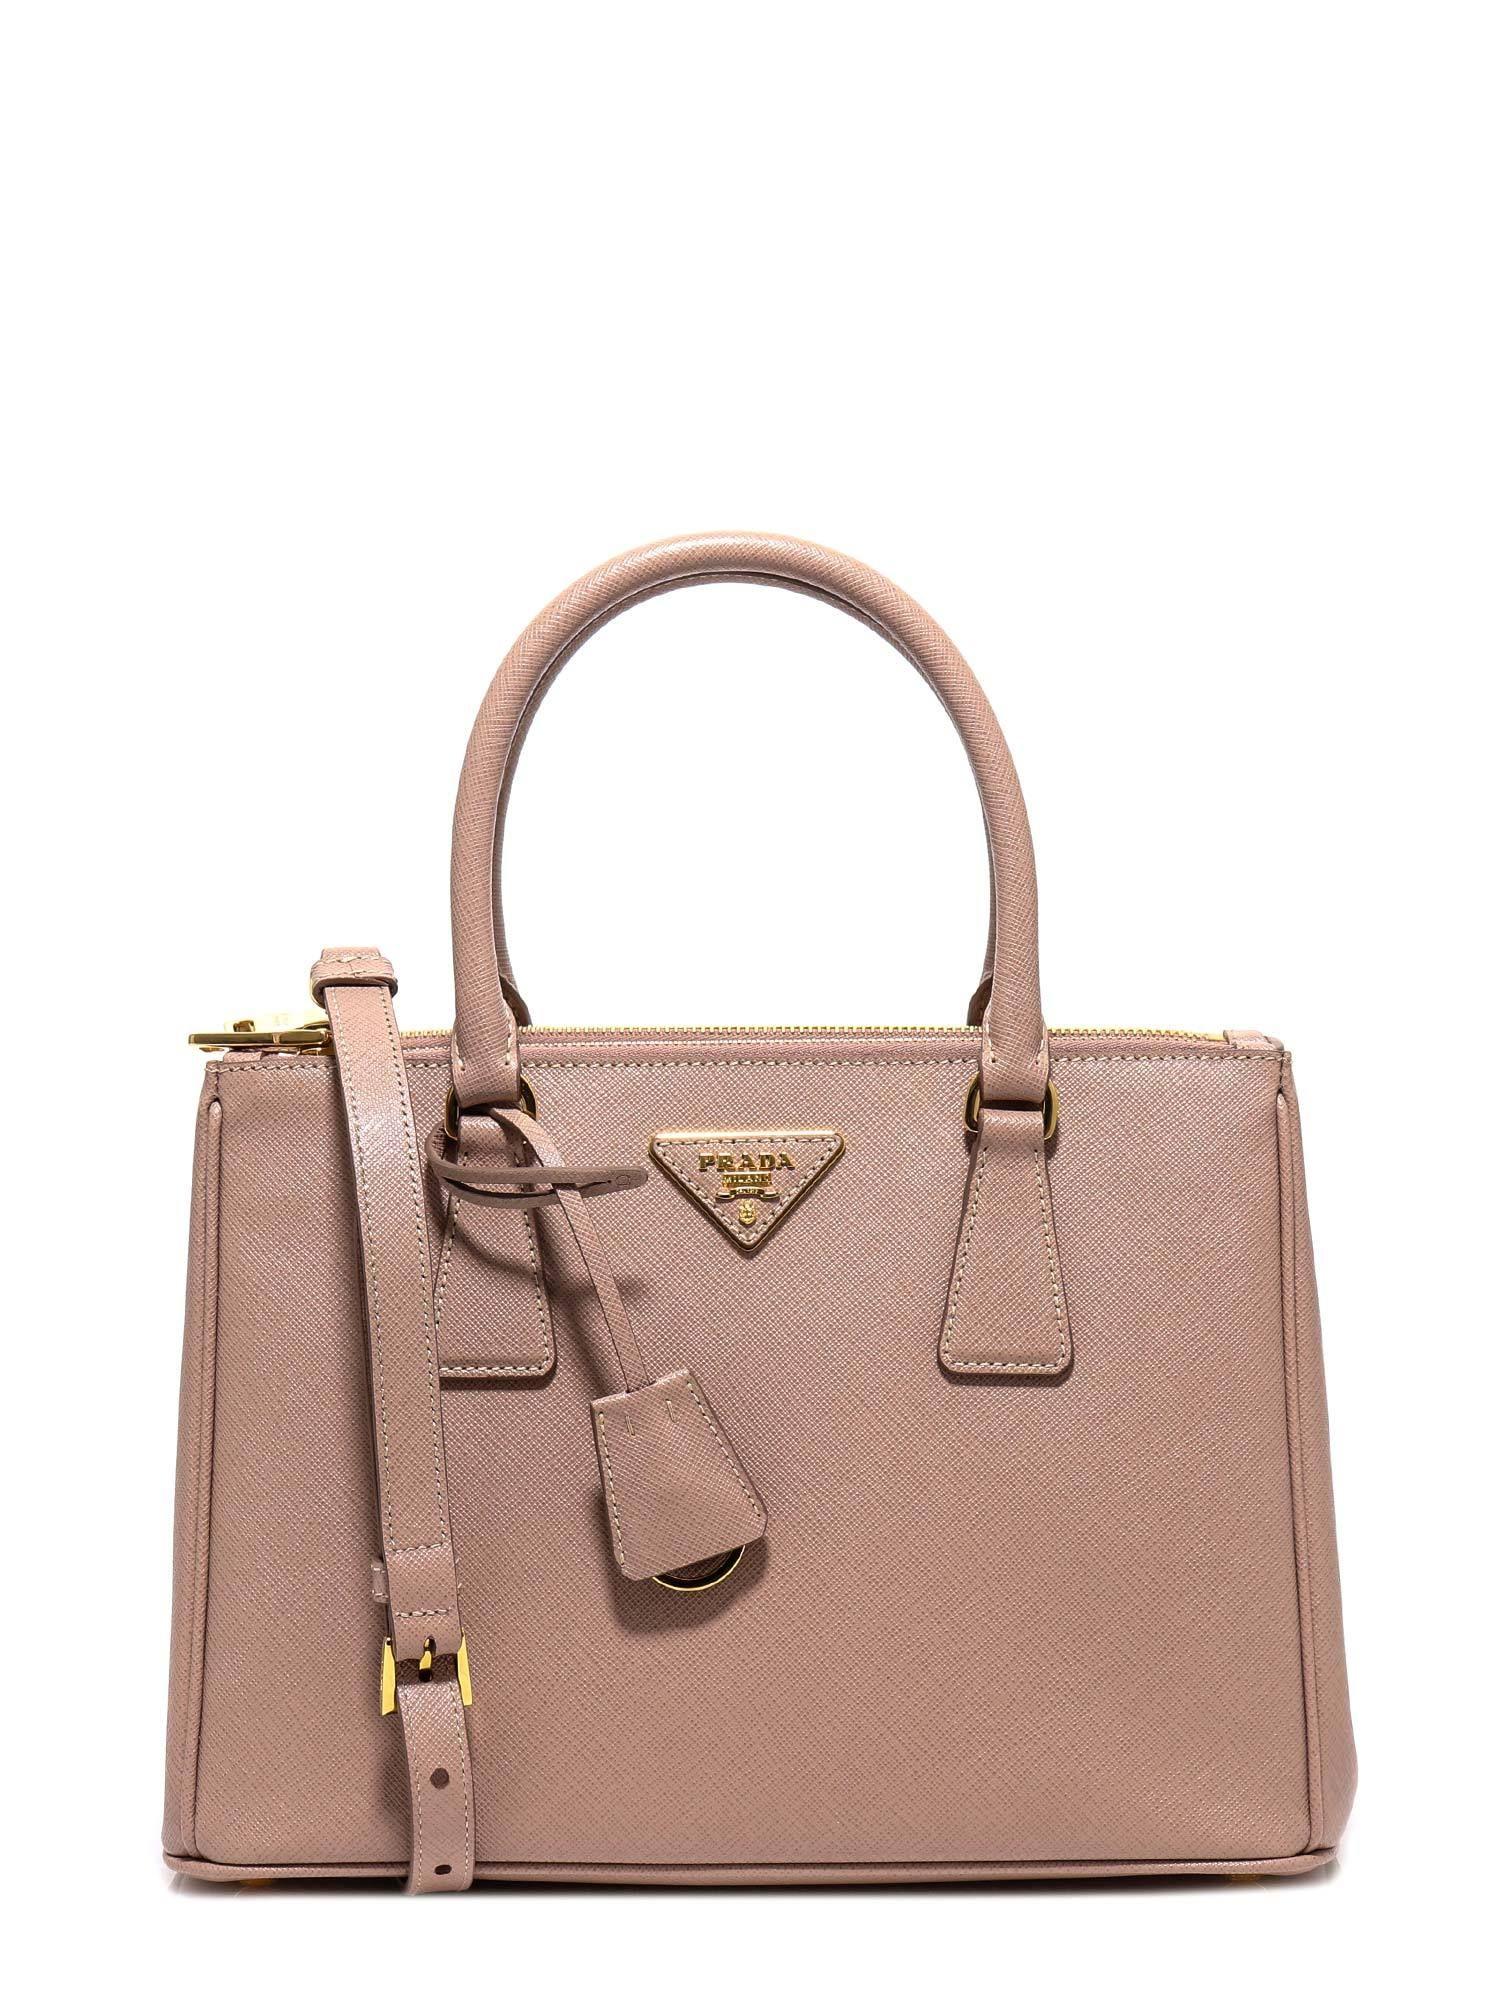 PRADA PRADA GALLERIA TOTE BAG bags bags